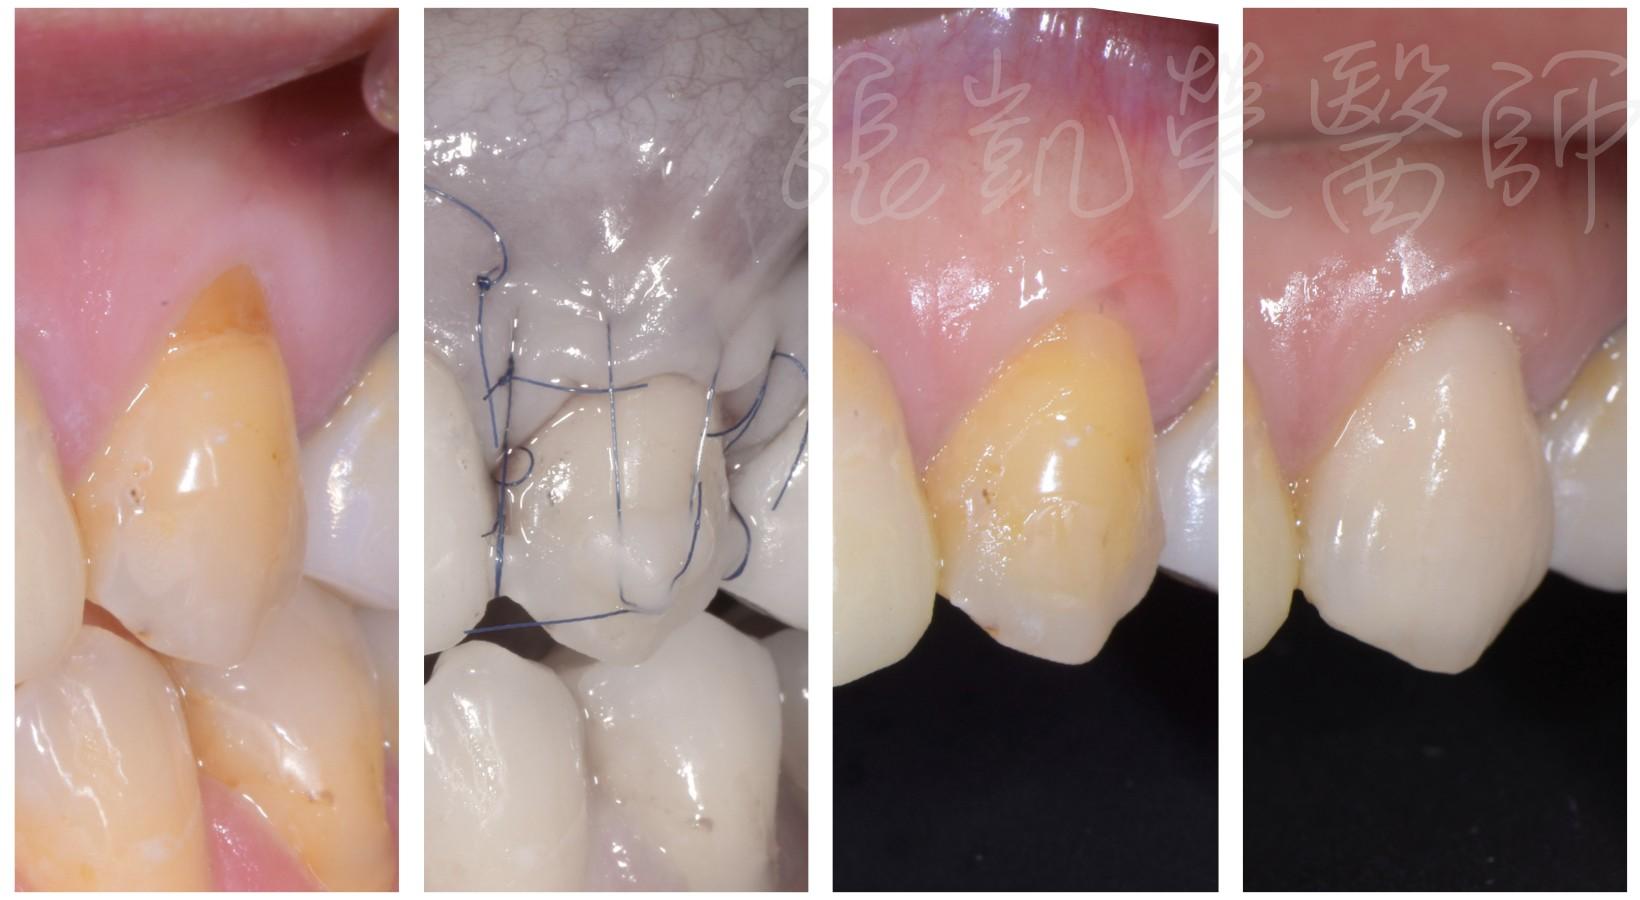 牙齦萎縮了,牙齒變長了怎麼辦?